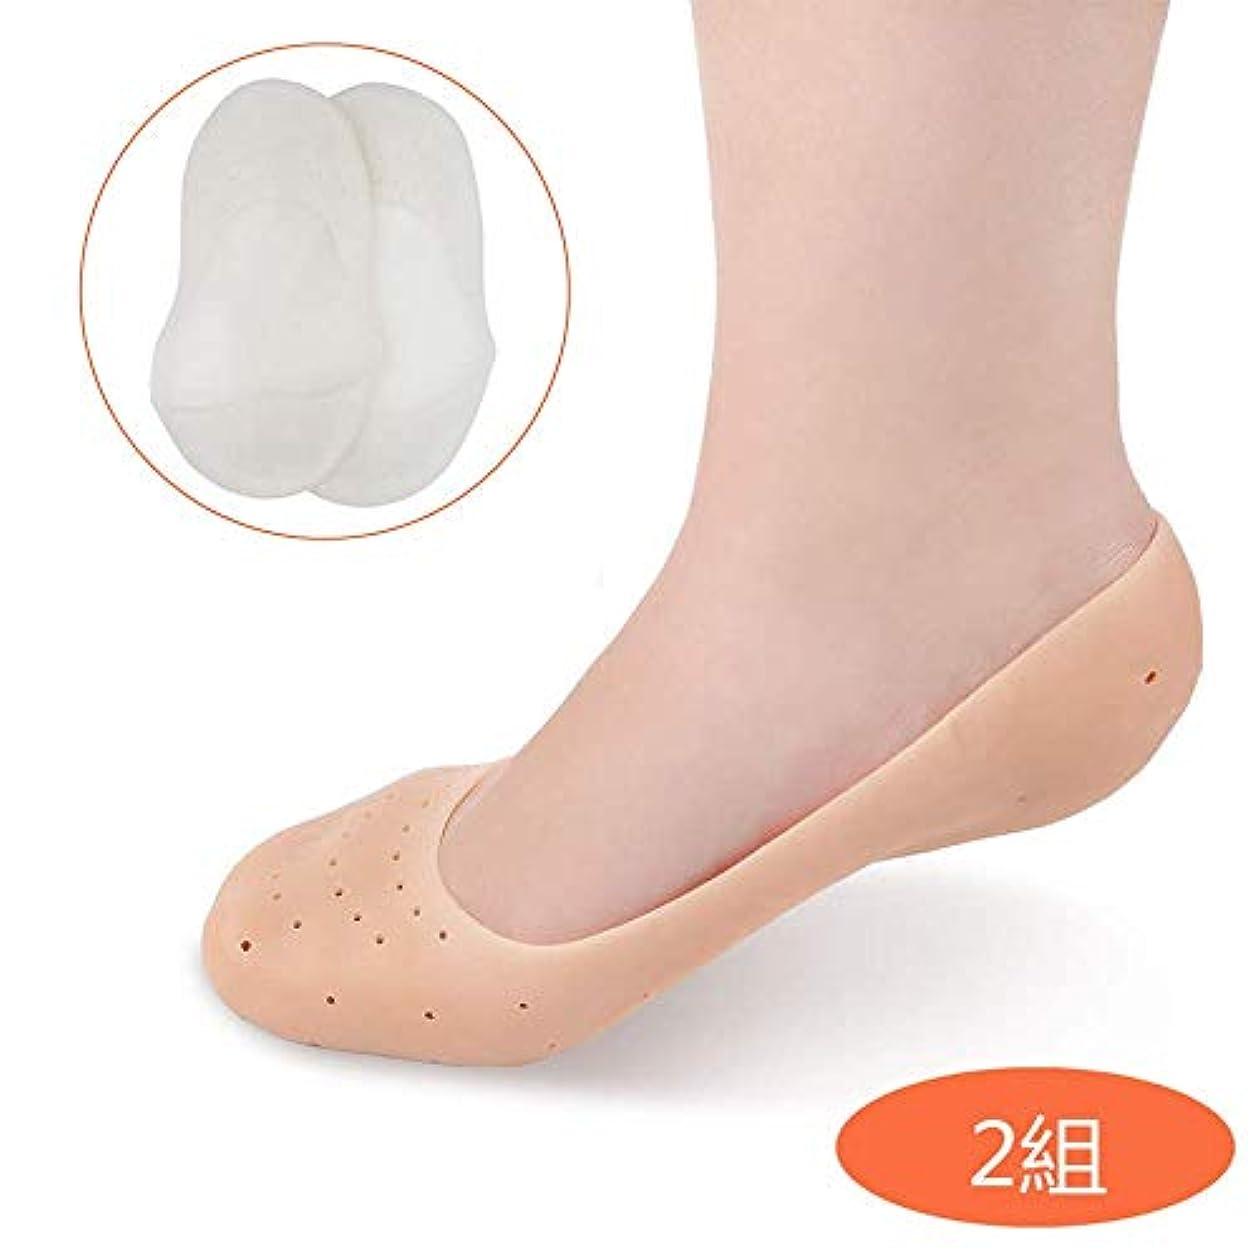 無視できる受け取るマーチャンダイザーシリコンソックス 靴下 かかとケア ヒールクラック防止 足ケア 保湿 角質ケア 皮膚保護 痛みの緩和 快適 通気性 男女兼用 (2組)